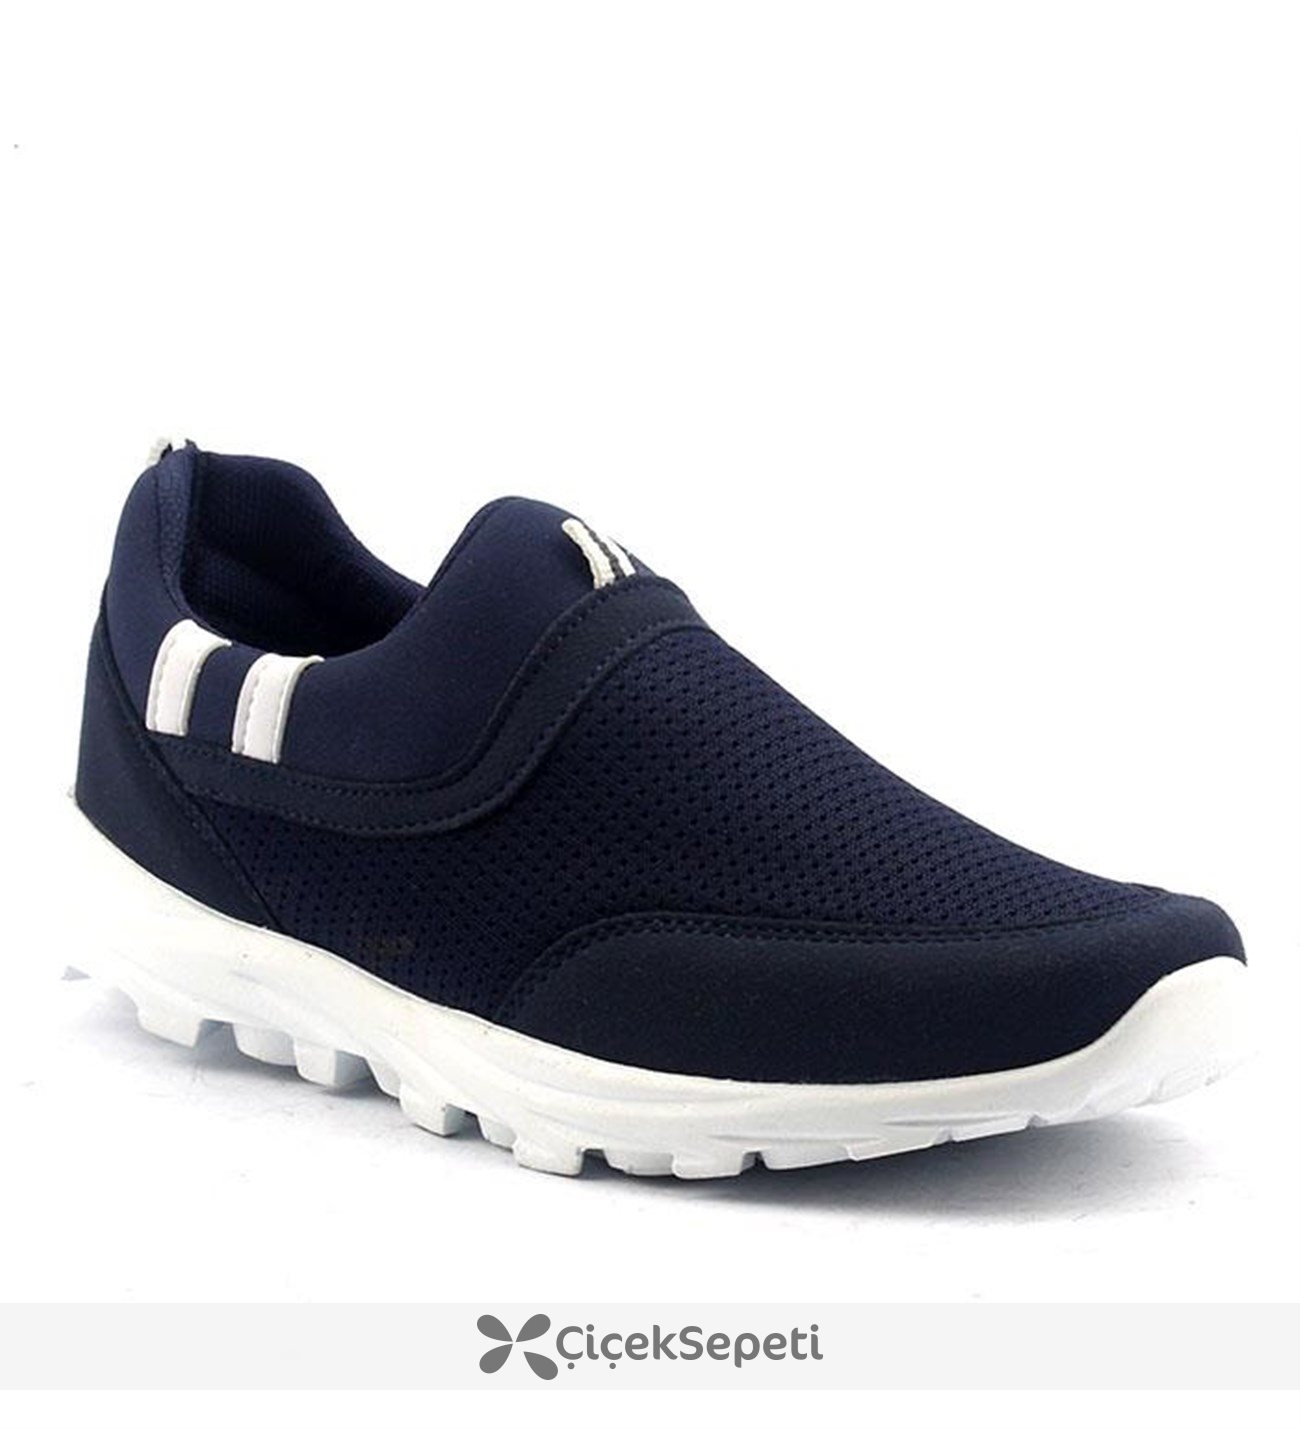 Yazlık Erkek Spor Ayakkabı Modelleri